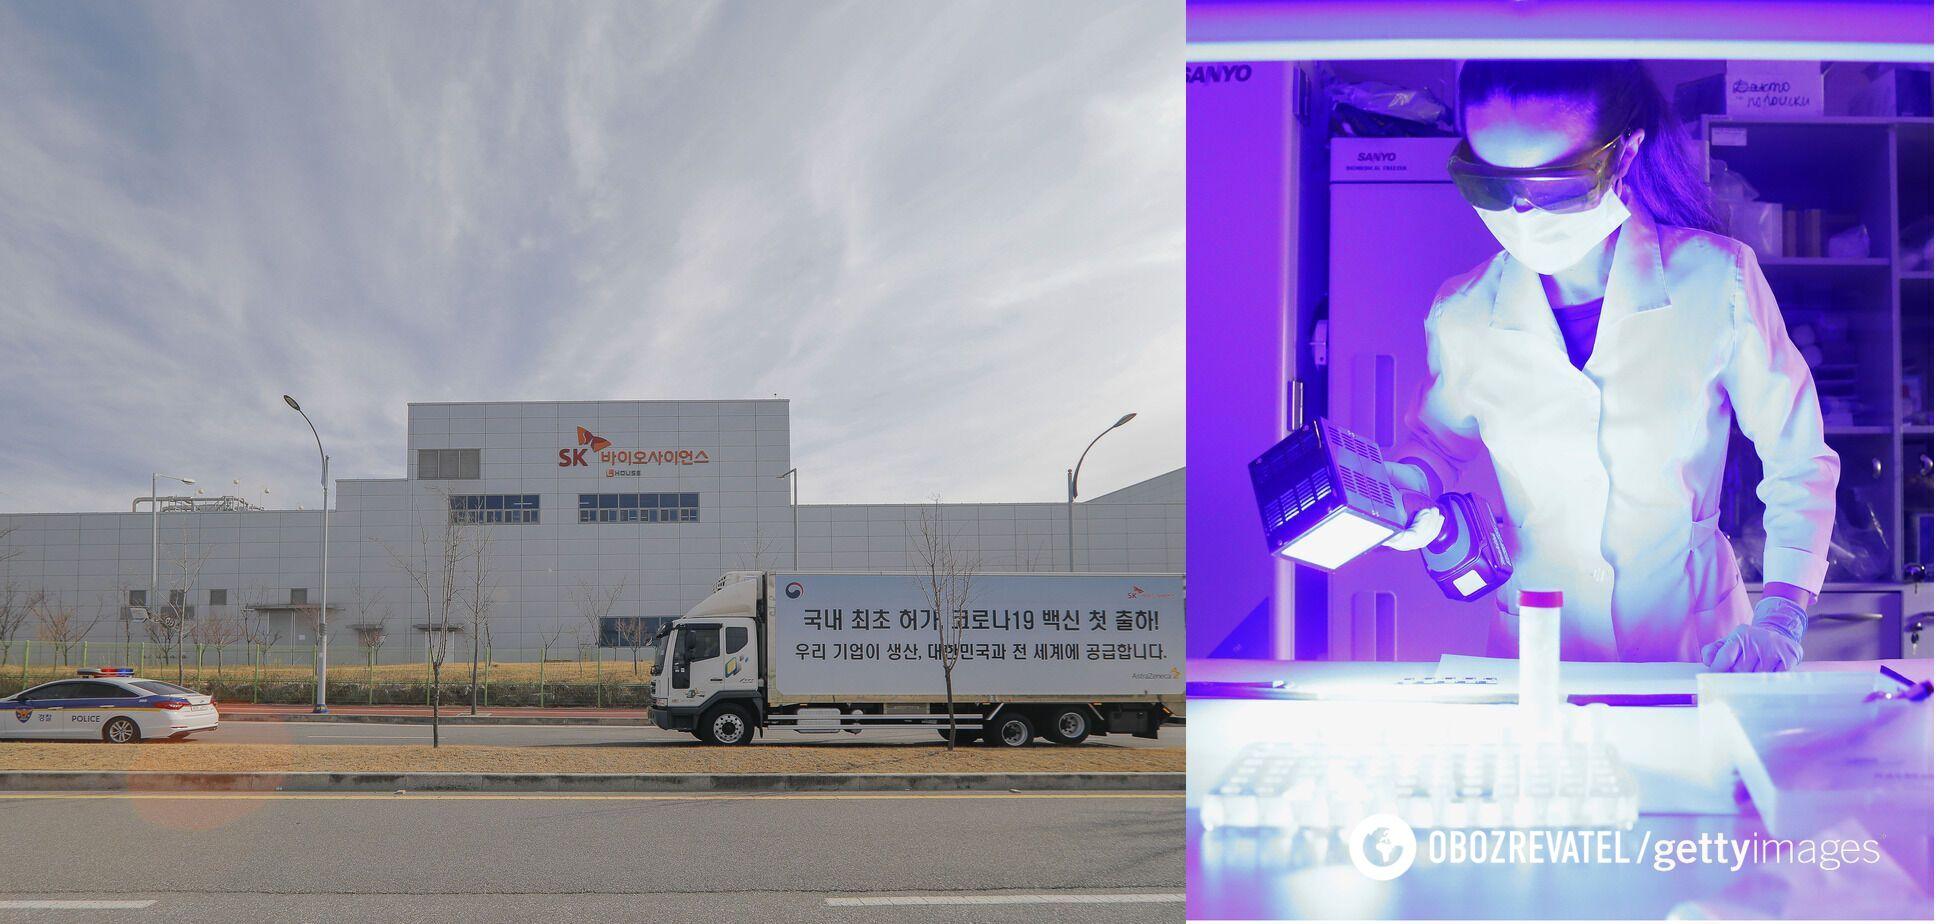 Дозы вакцины AstraZeneca-SKBio по лицензии изготовила компания SK Bioscience, Южная Корея